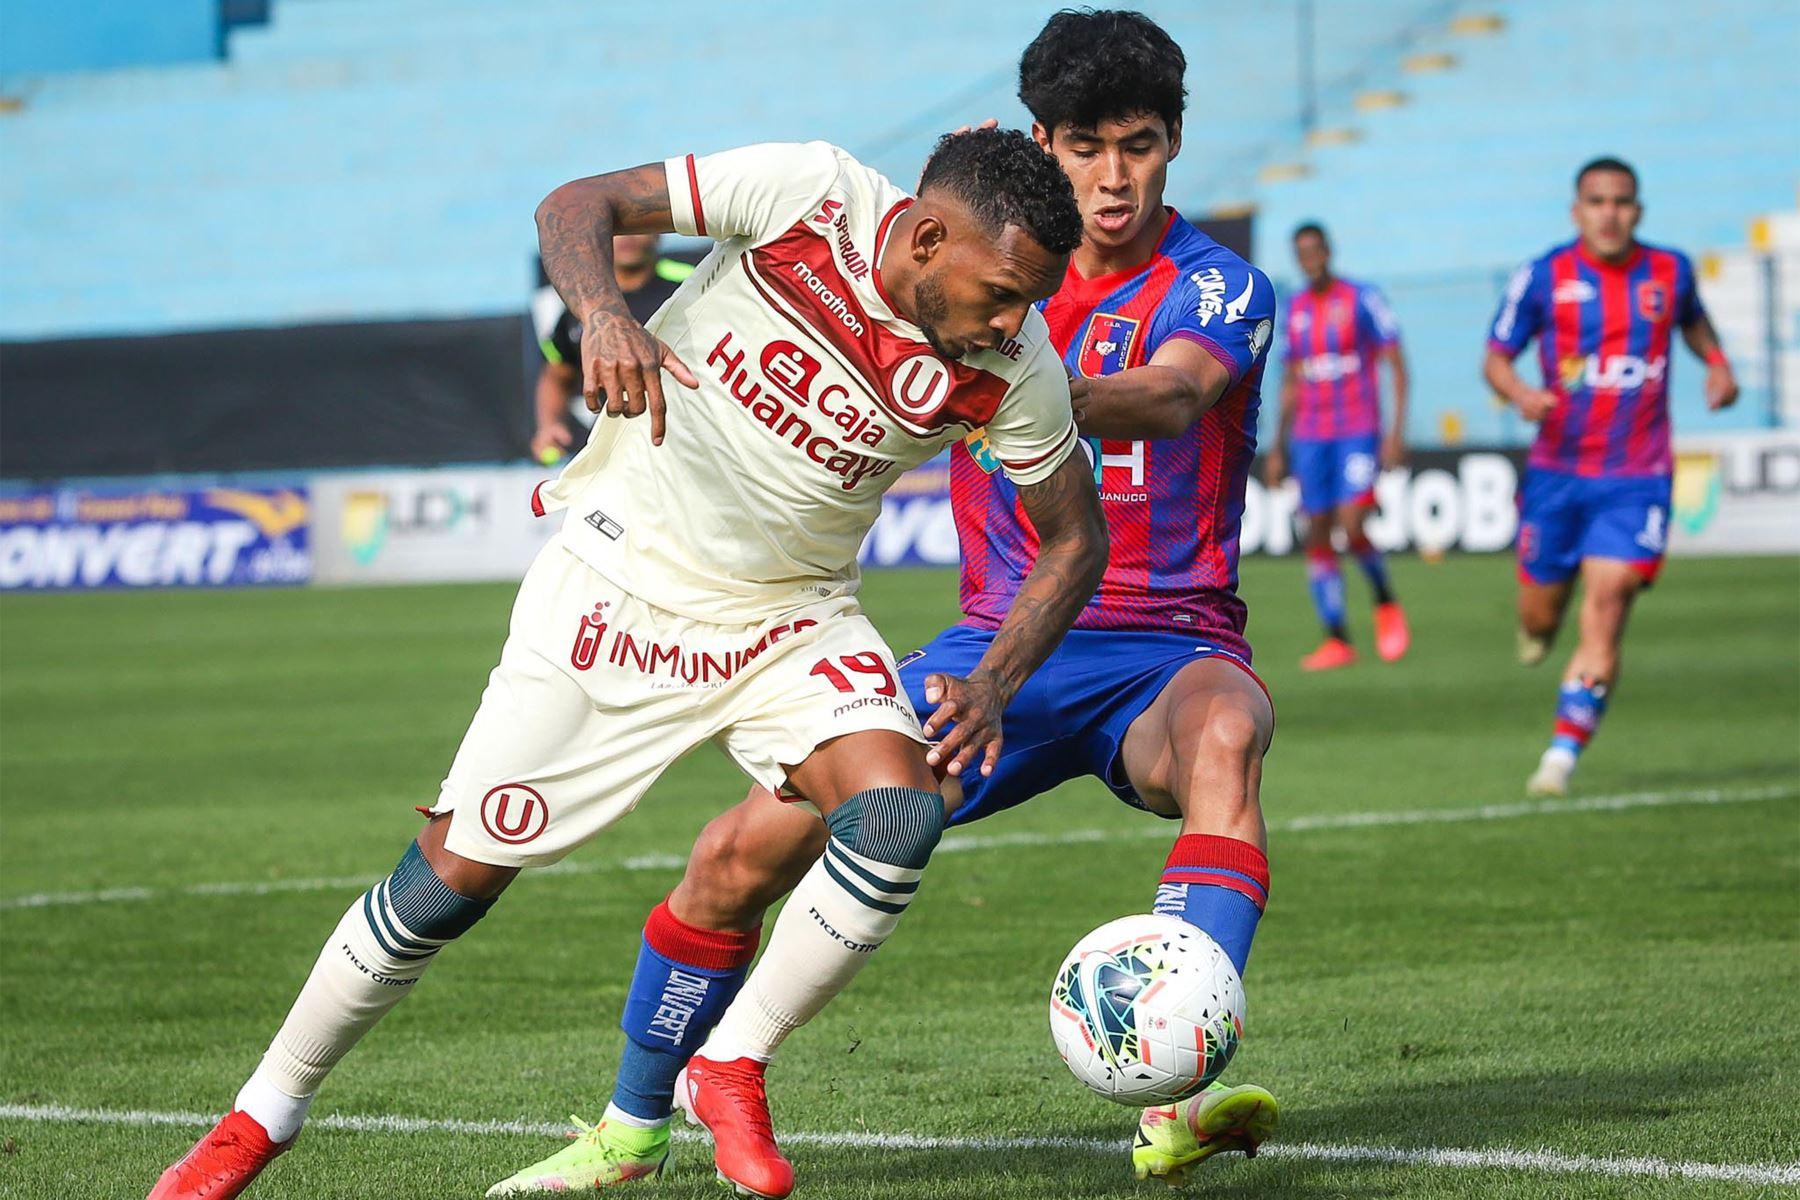 El futbolista A. Quintero de Universitario de Deportes disputa el balón ante el jugador del club Alianza UDH durante el partido de la fecha 12 de la Liga 1 en el estadio Alberto Gallardo. F oto: @LigaFutProf